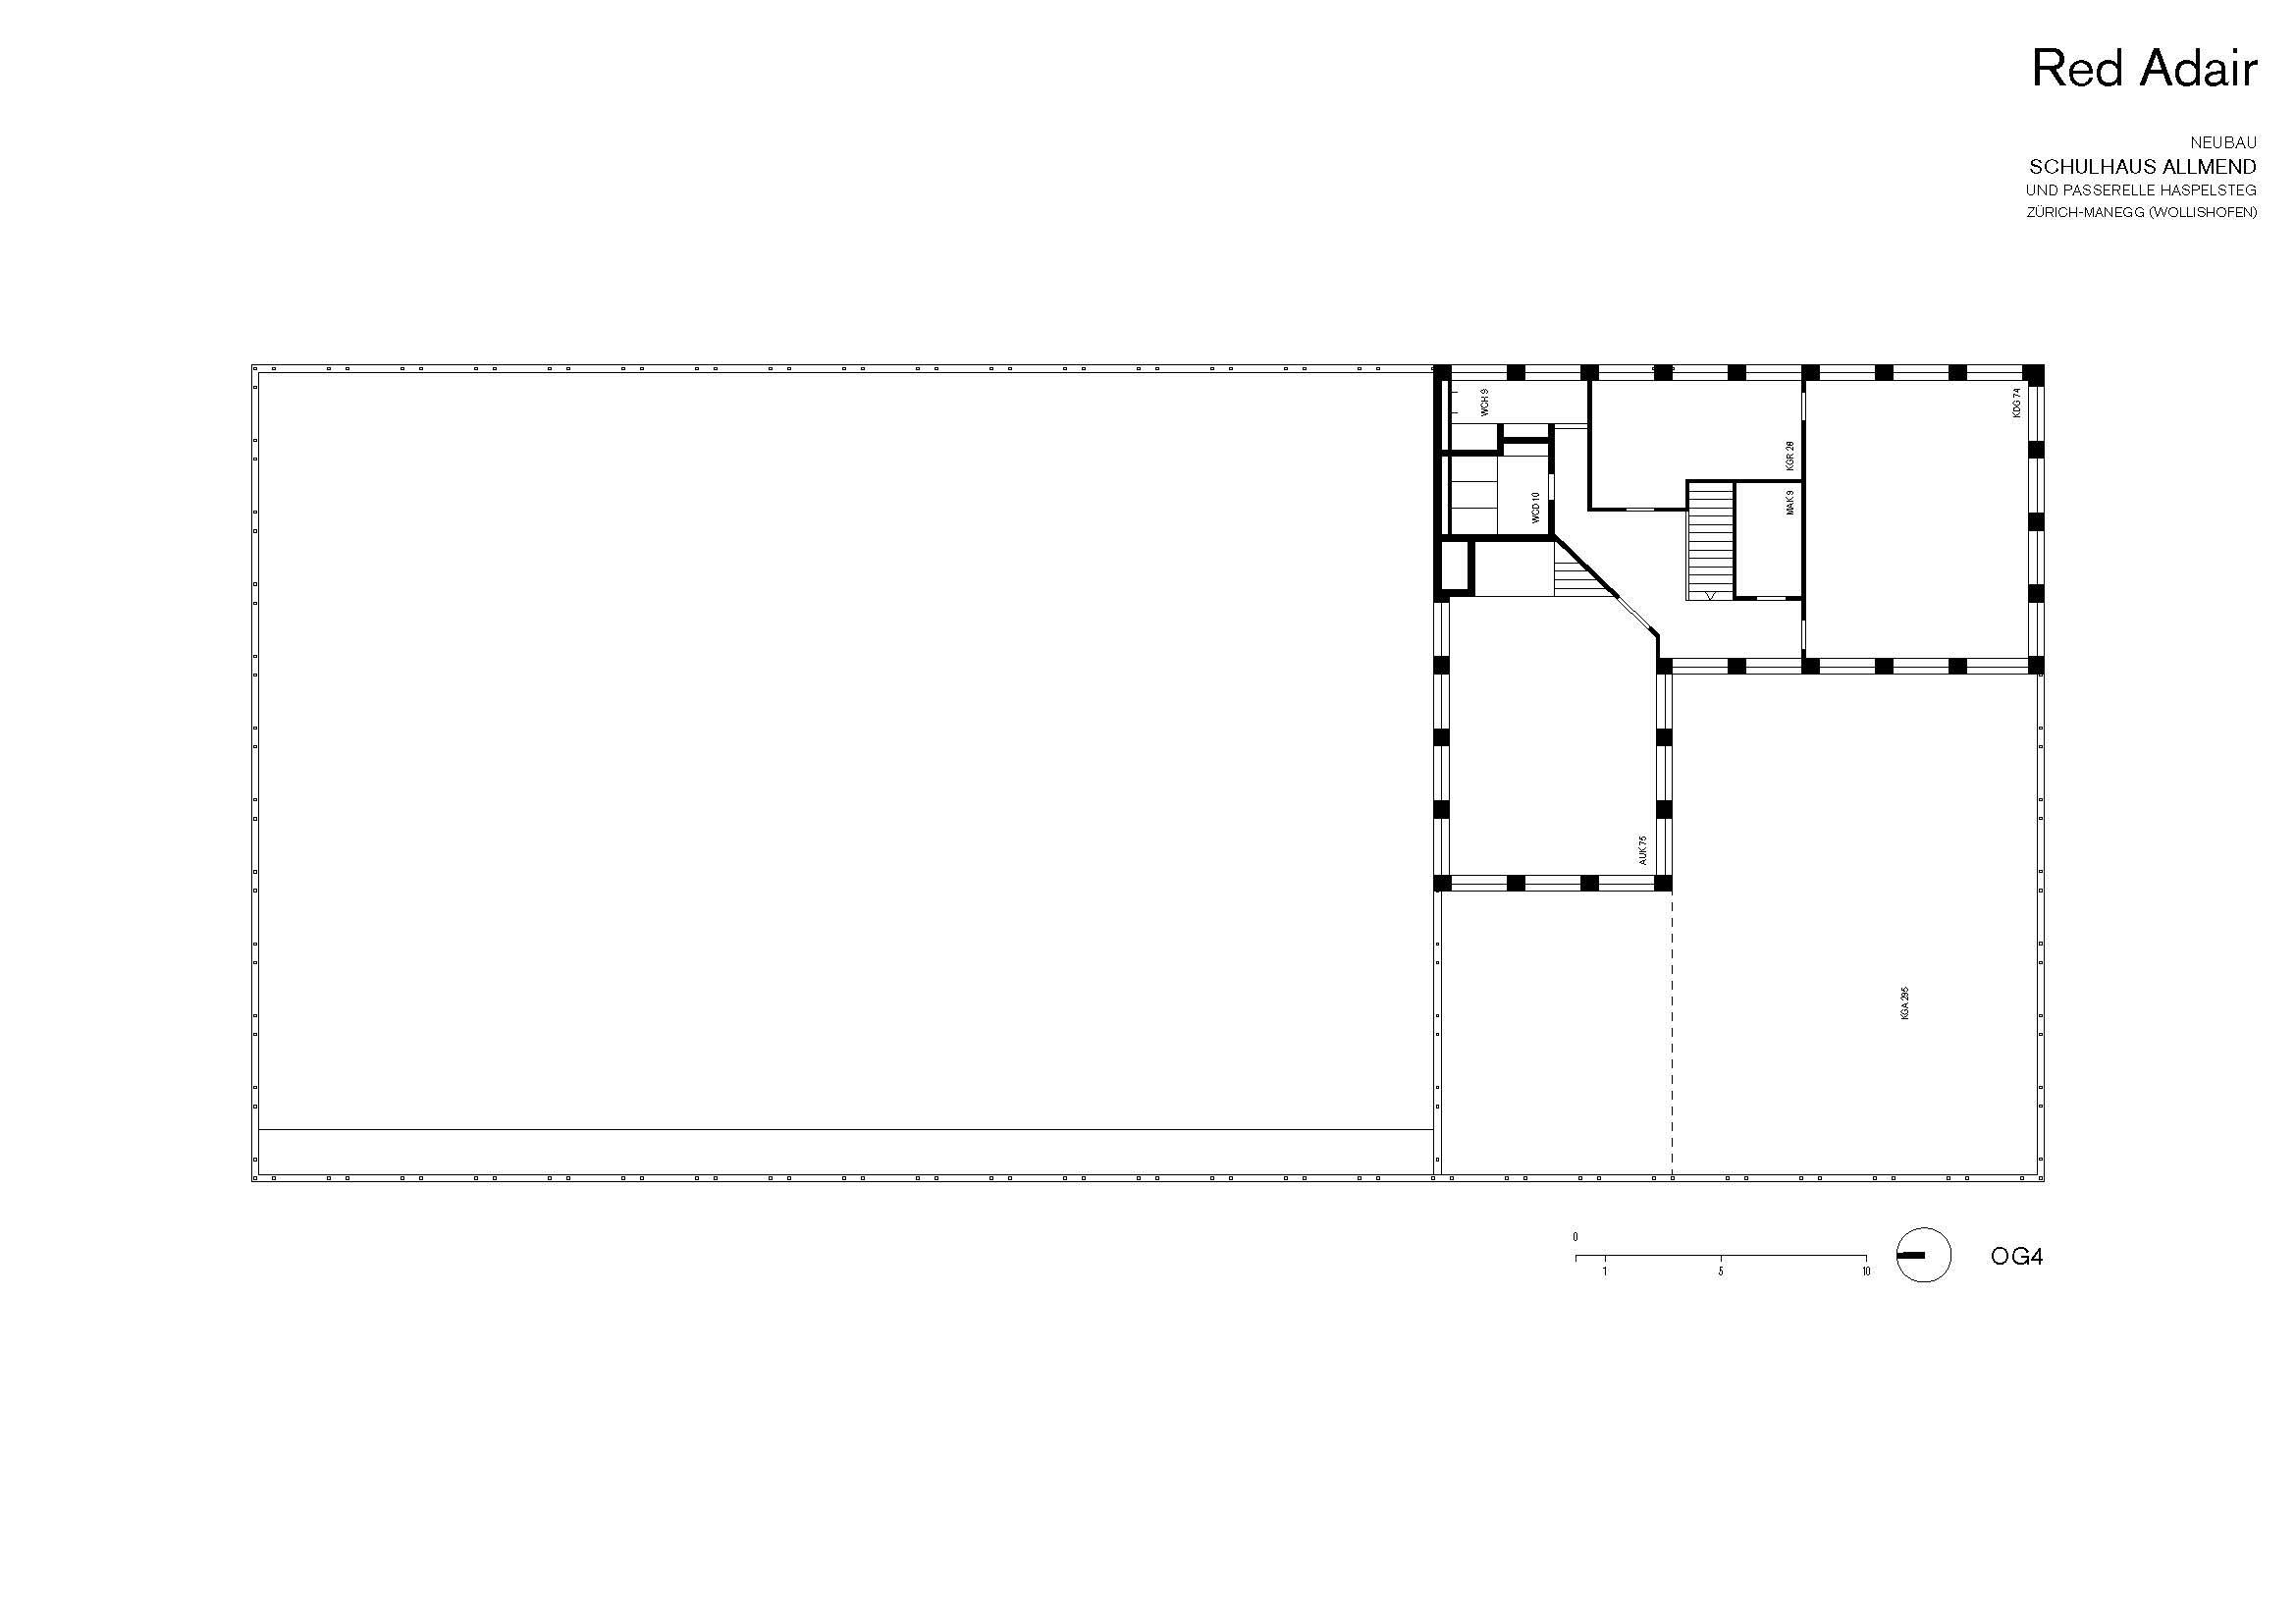 179 2 Dach.jpg